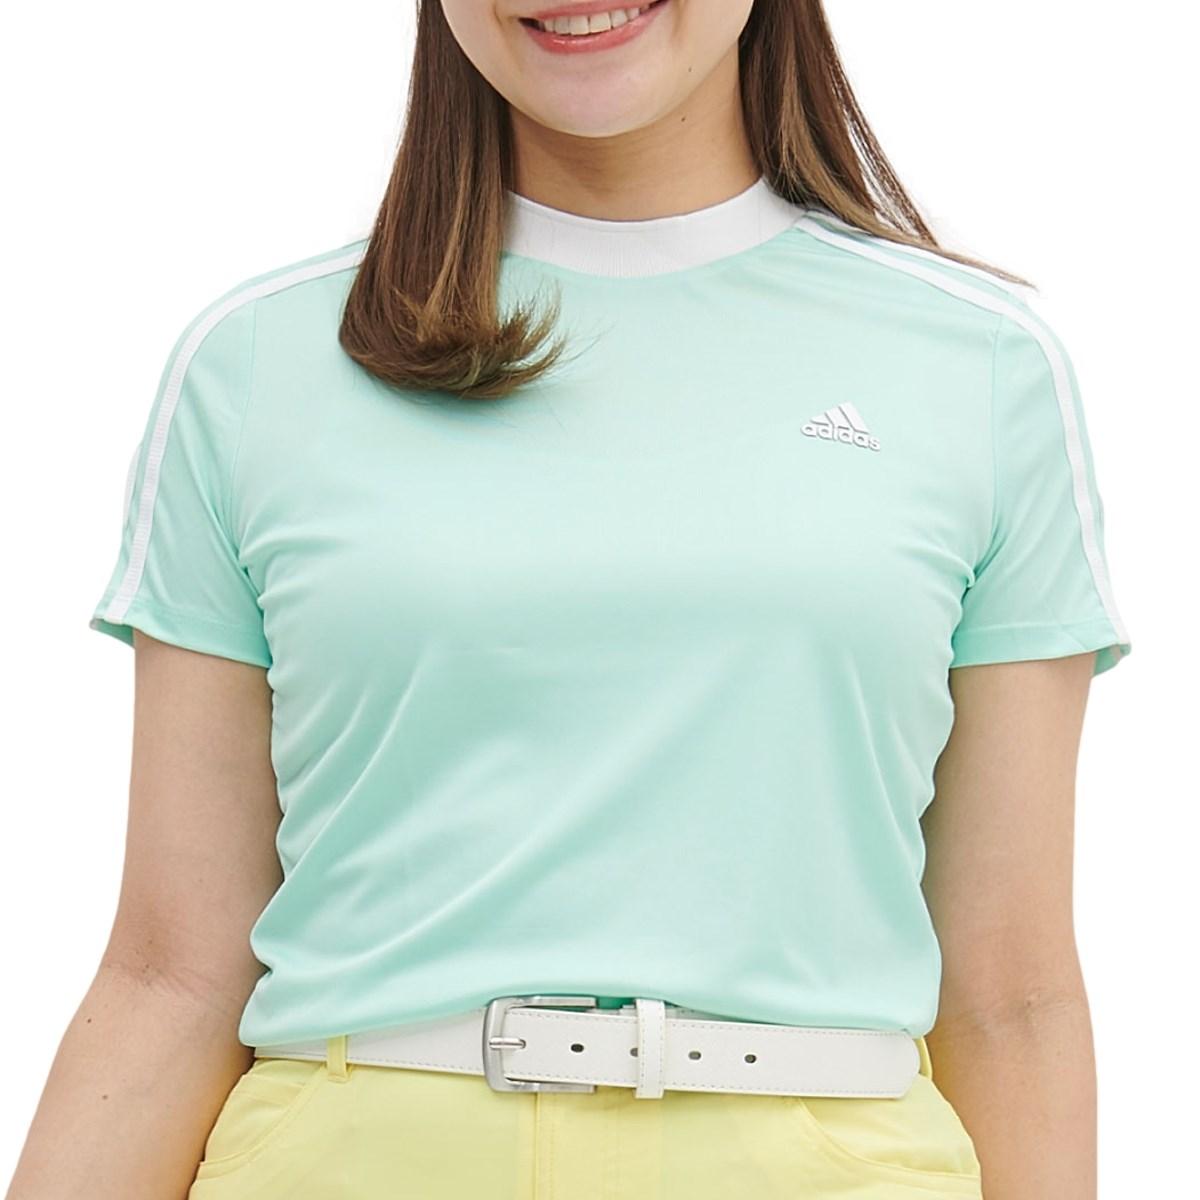 アディダス Adidas スリーブストライプス 半袖モックネックシャツ J/S ライトピンク/ハイレゾイエロー レディス